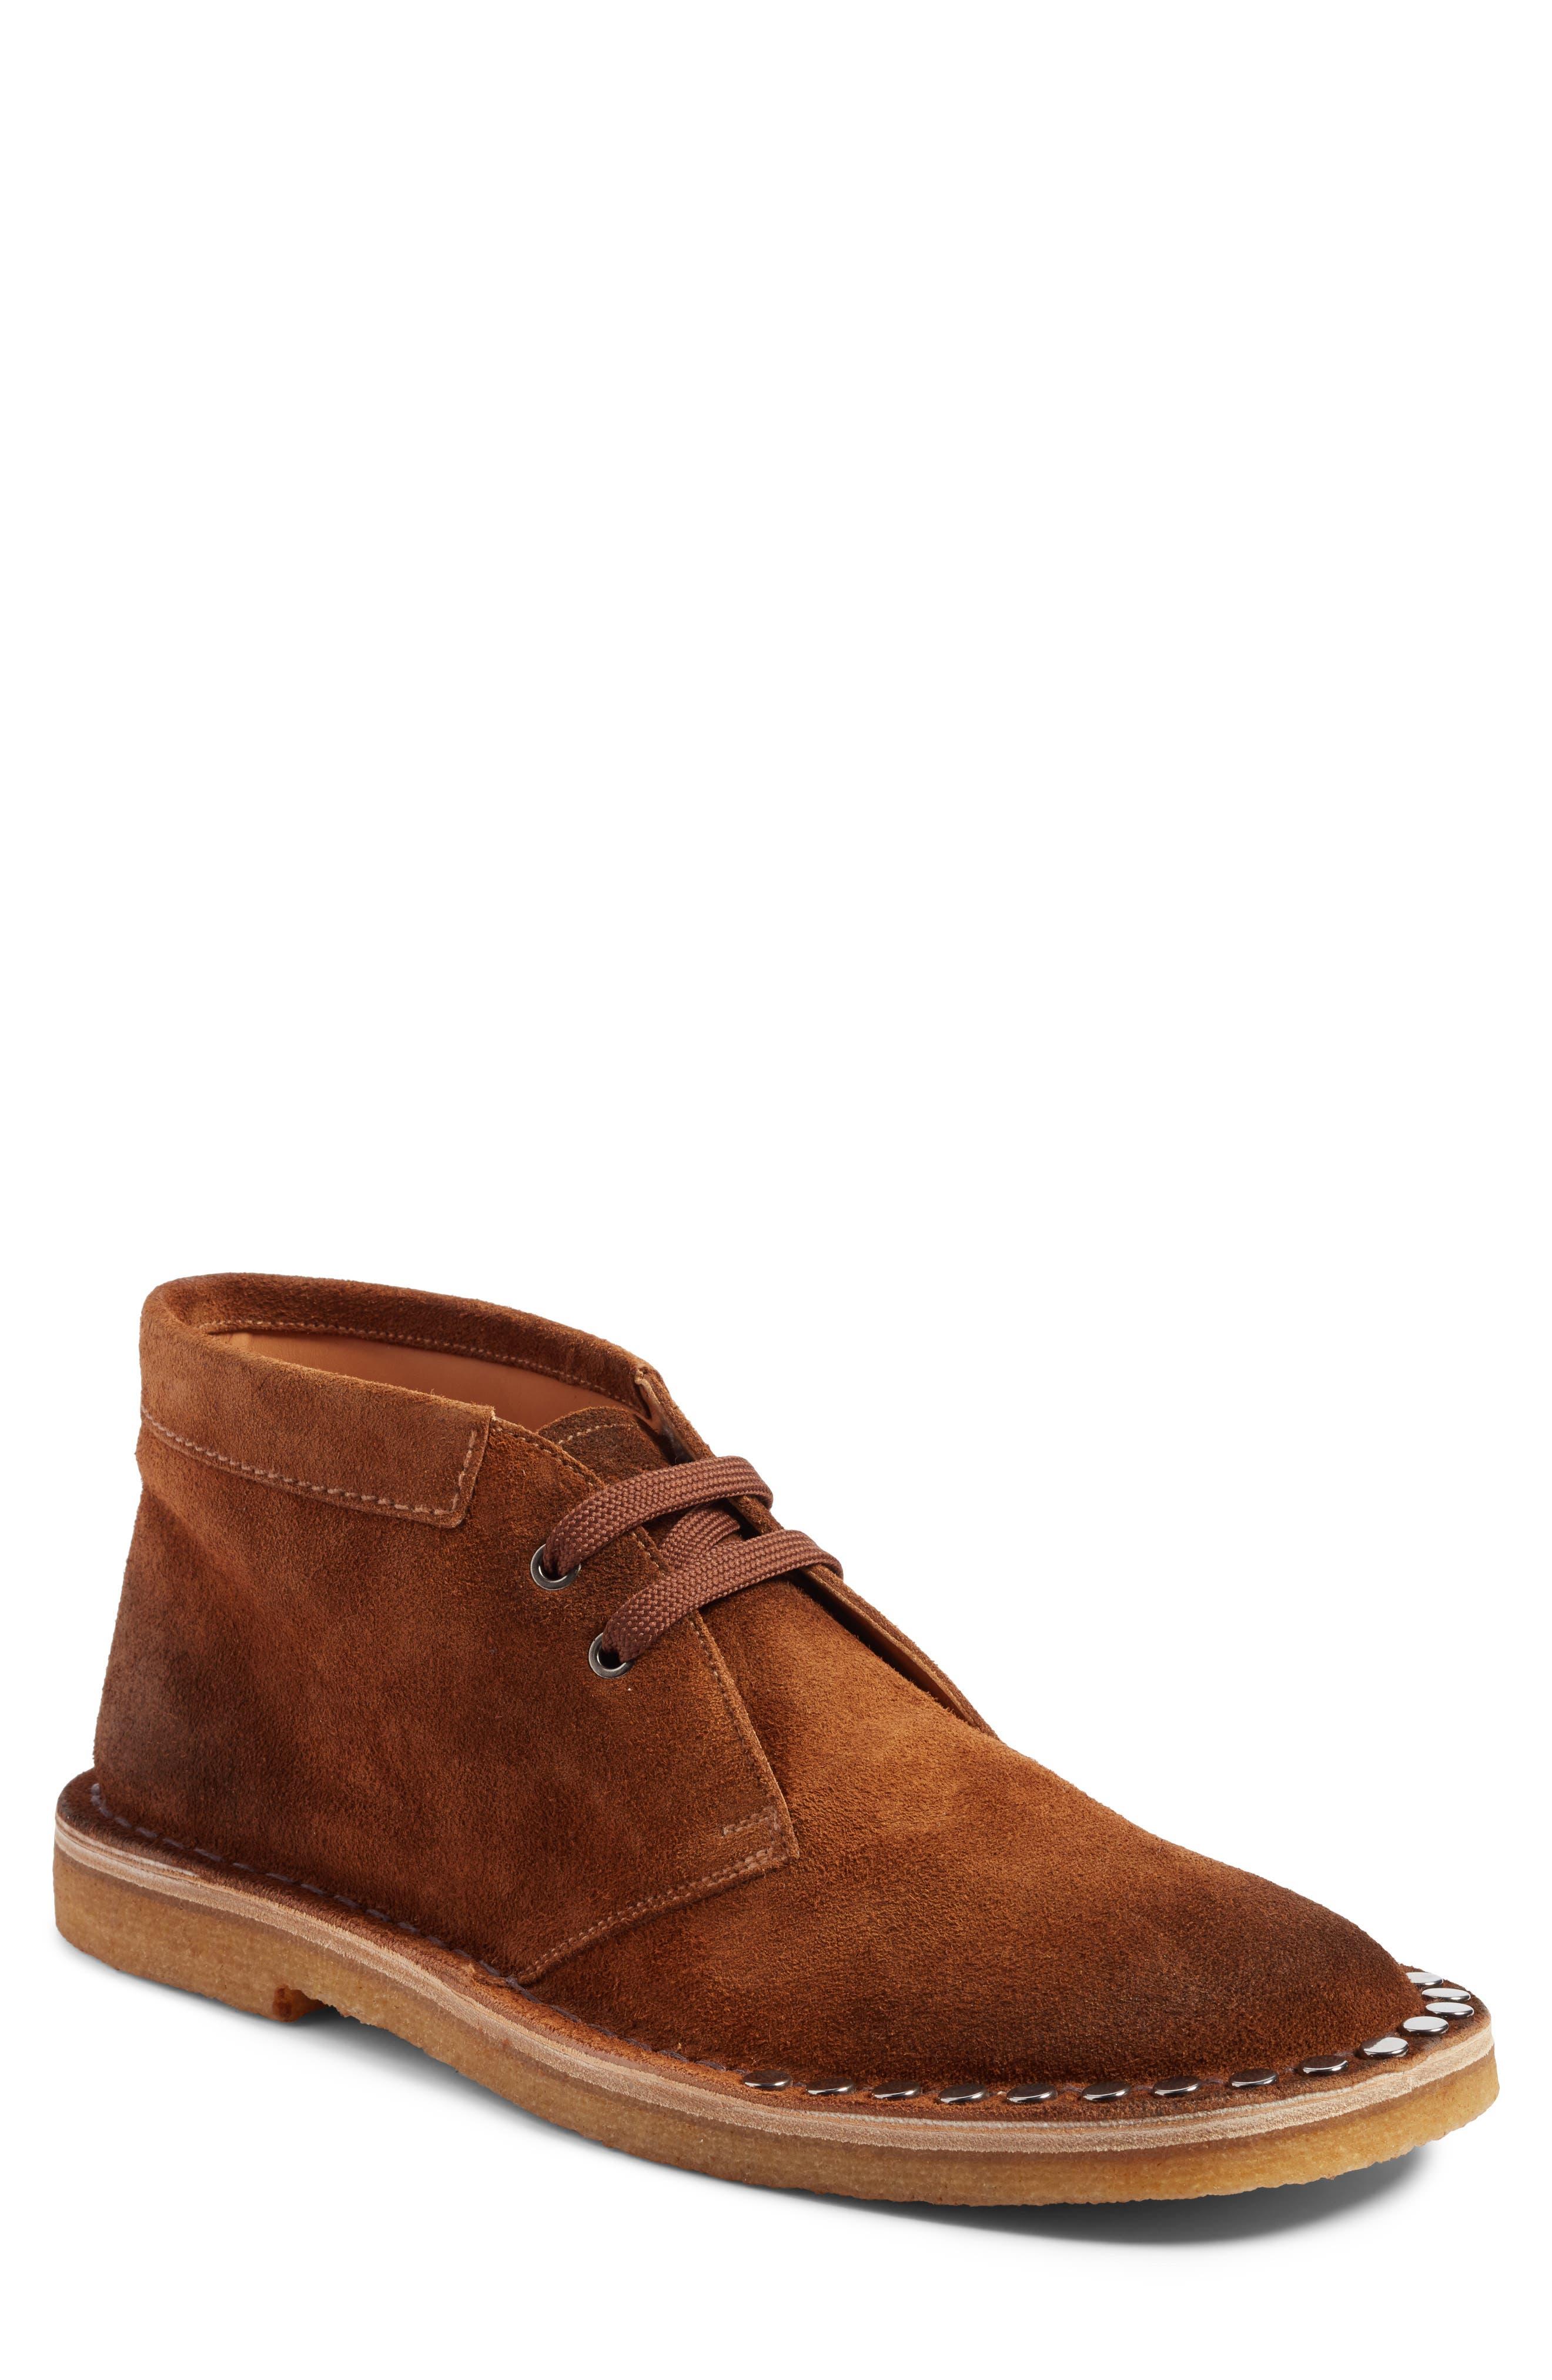 Studded Chukka Boot,                         Main,                         color, 251